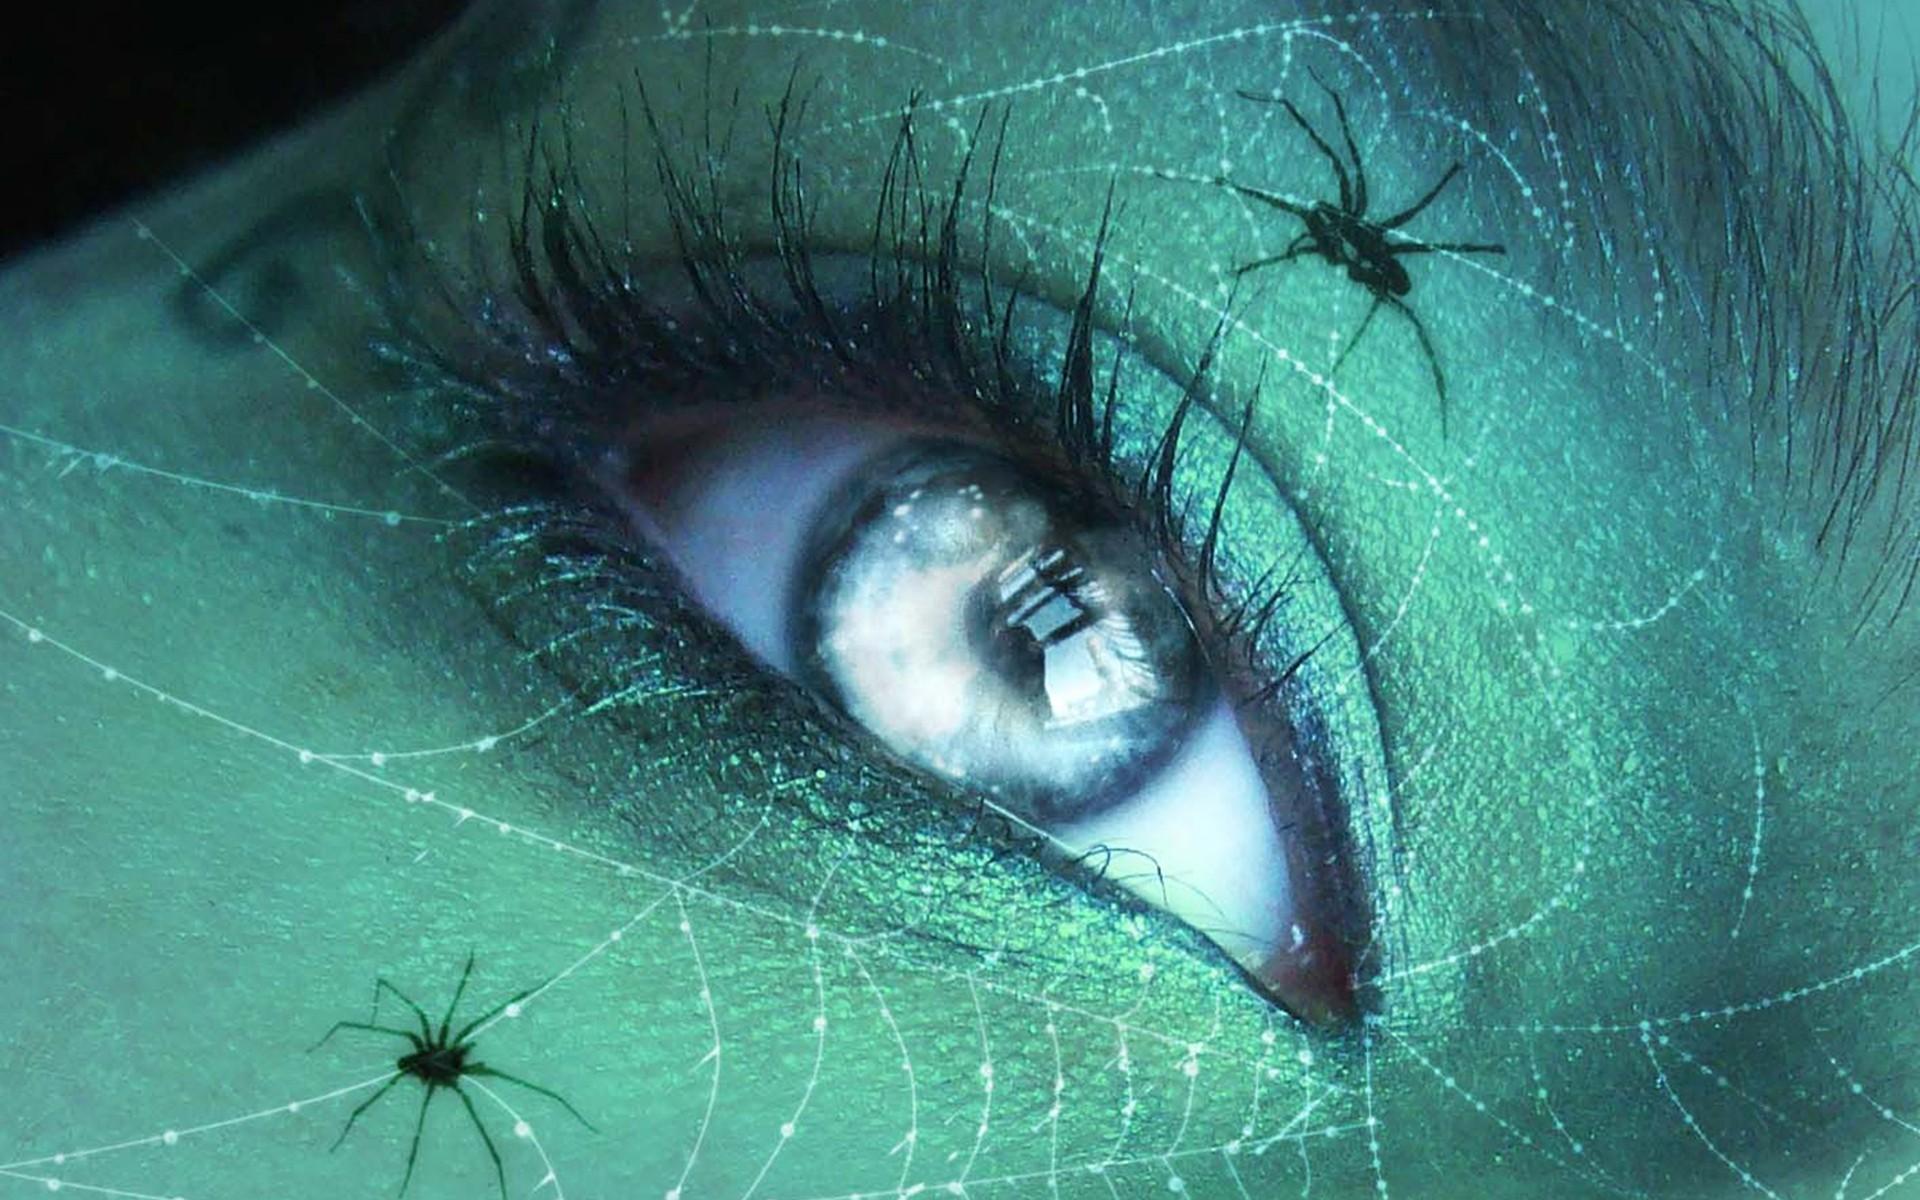 Tatuajes de arañas - 1920x1200